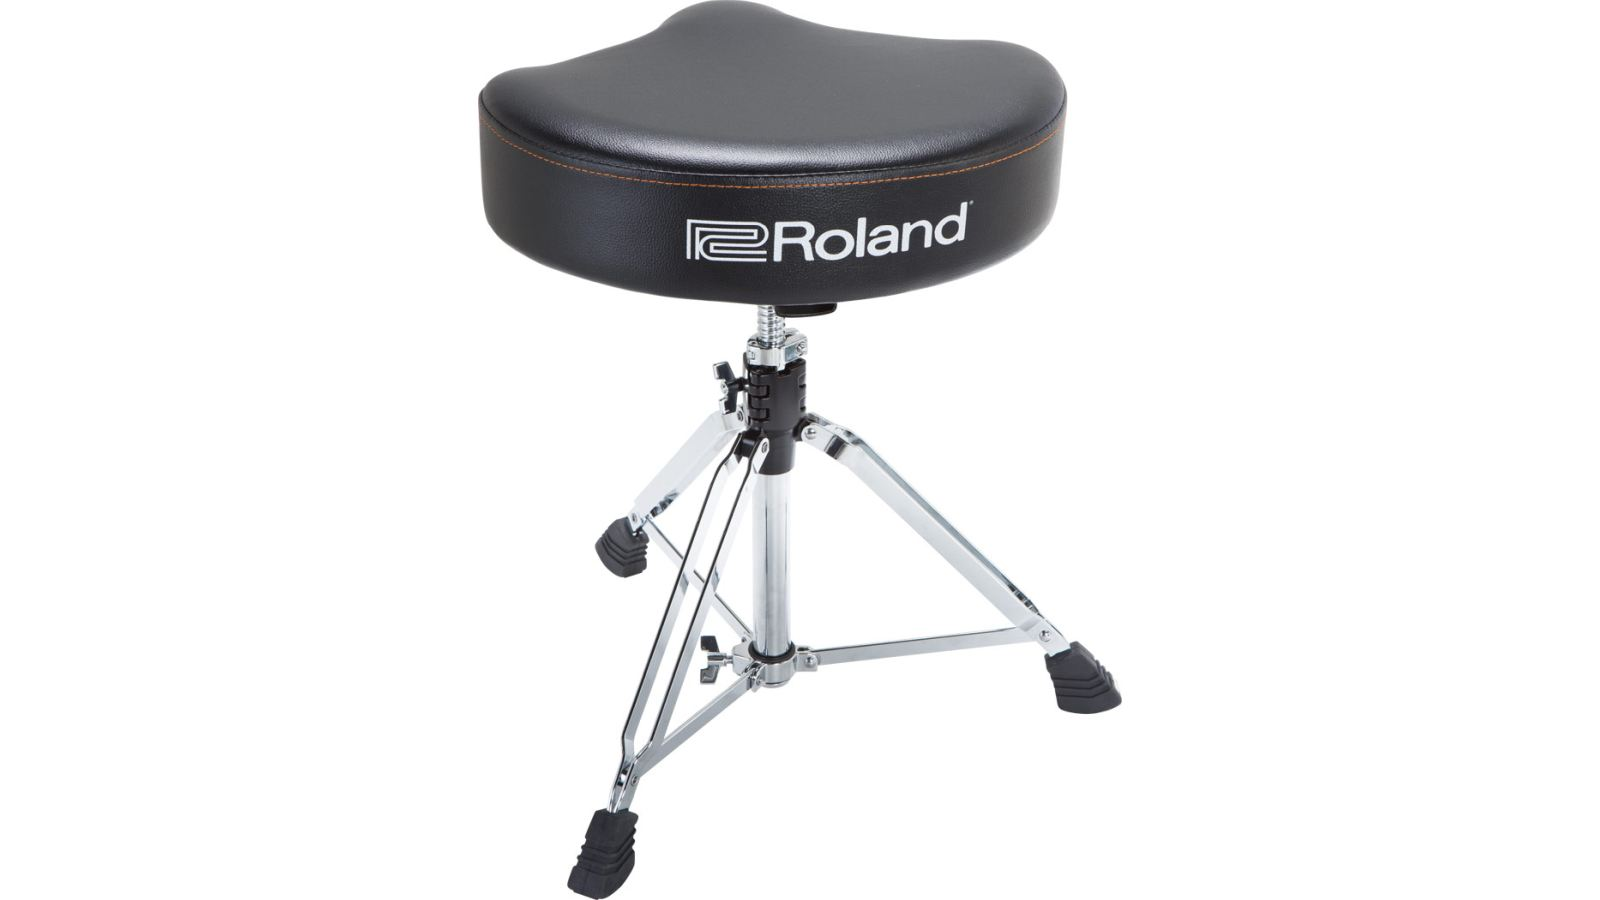 Roland RDT-SV Drum Hocker Sattel